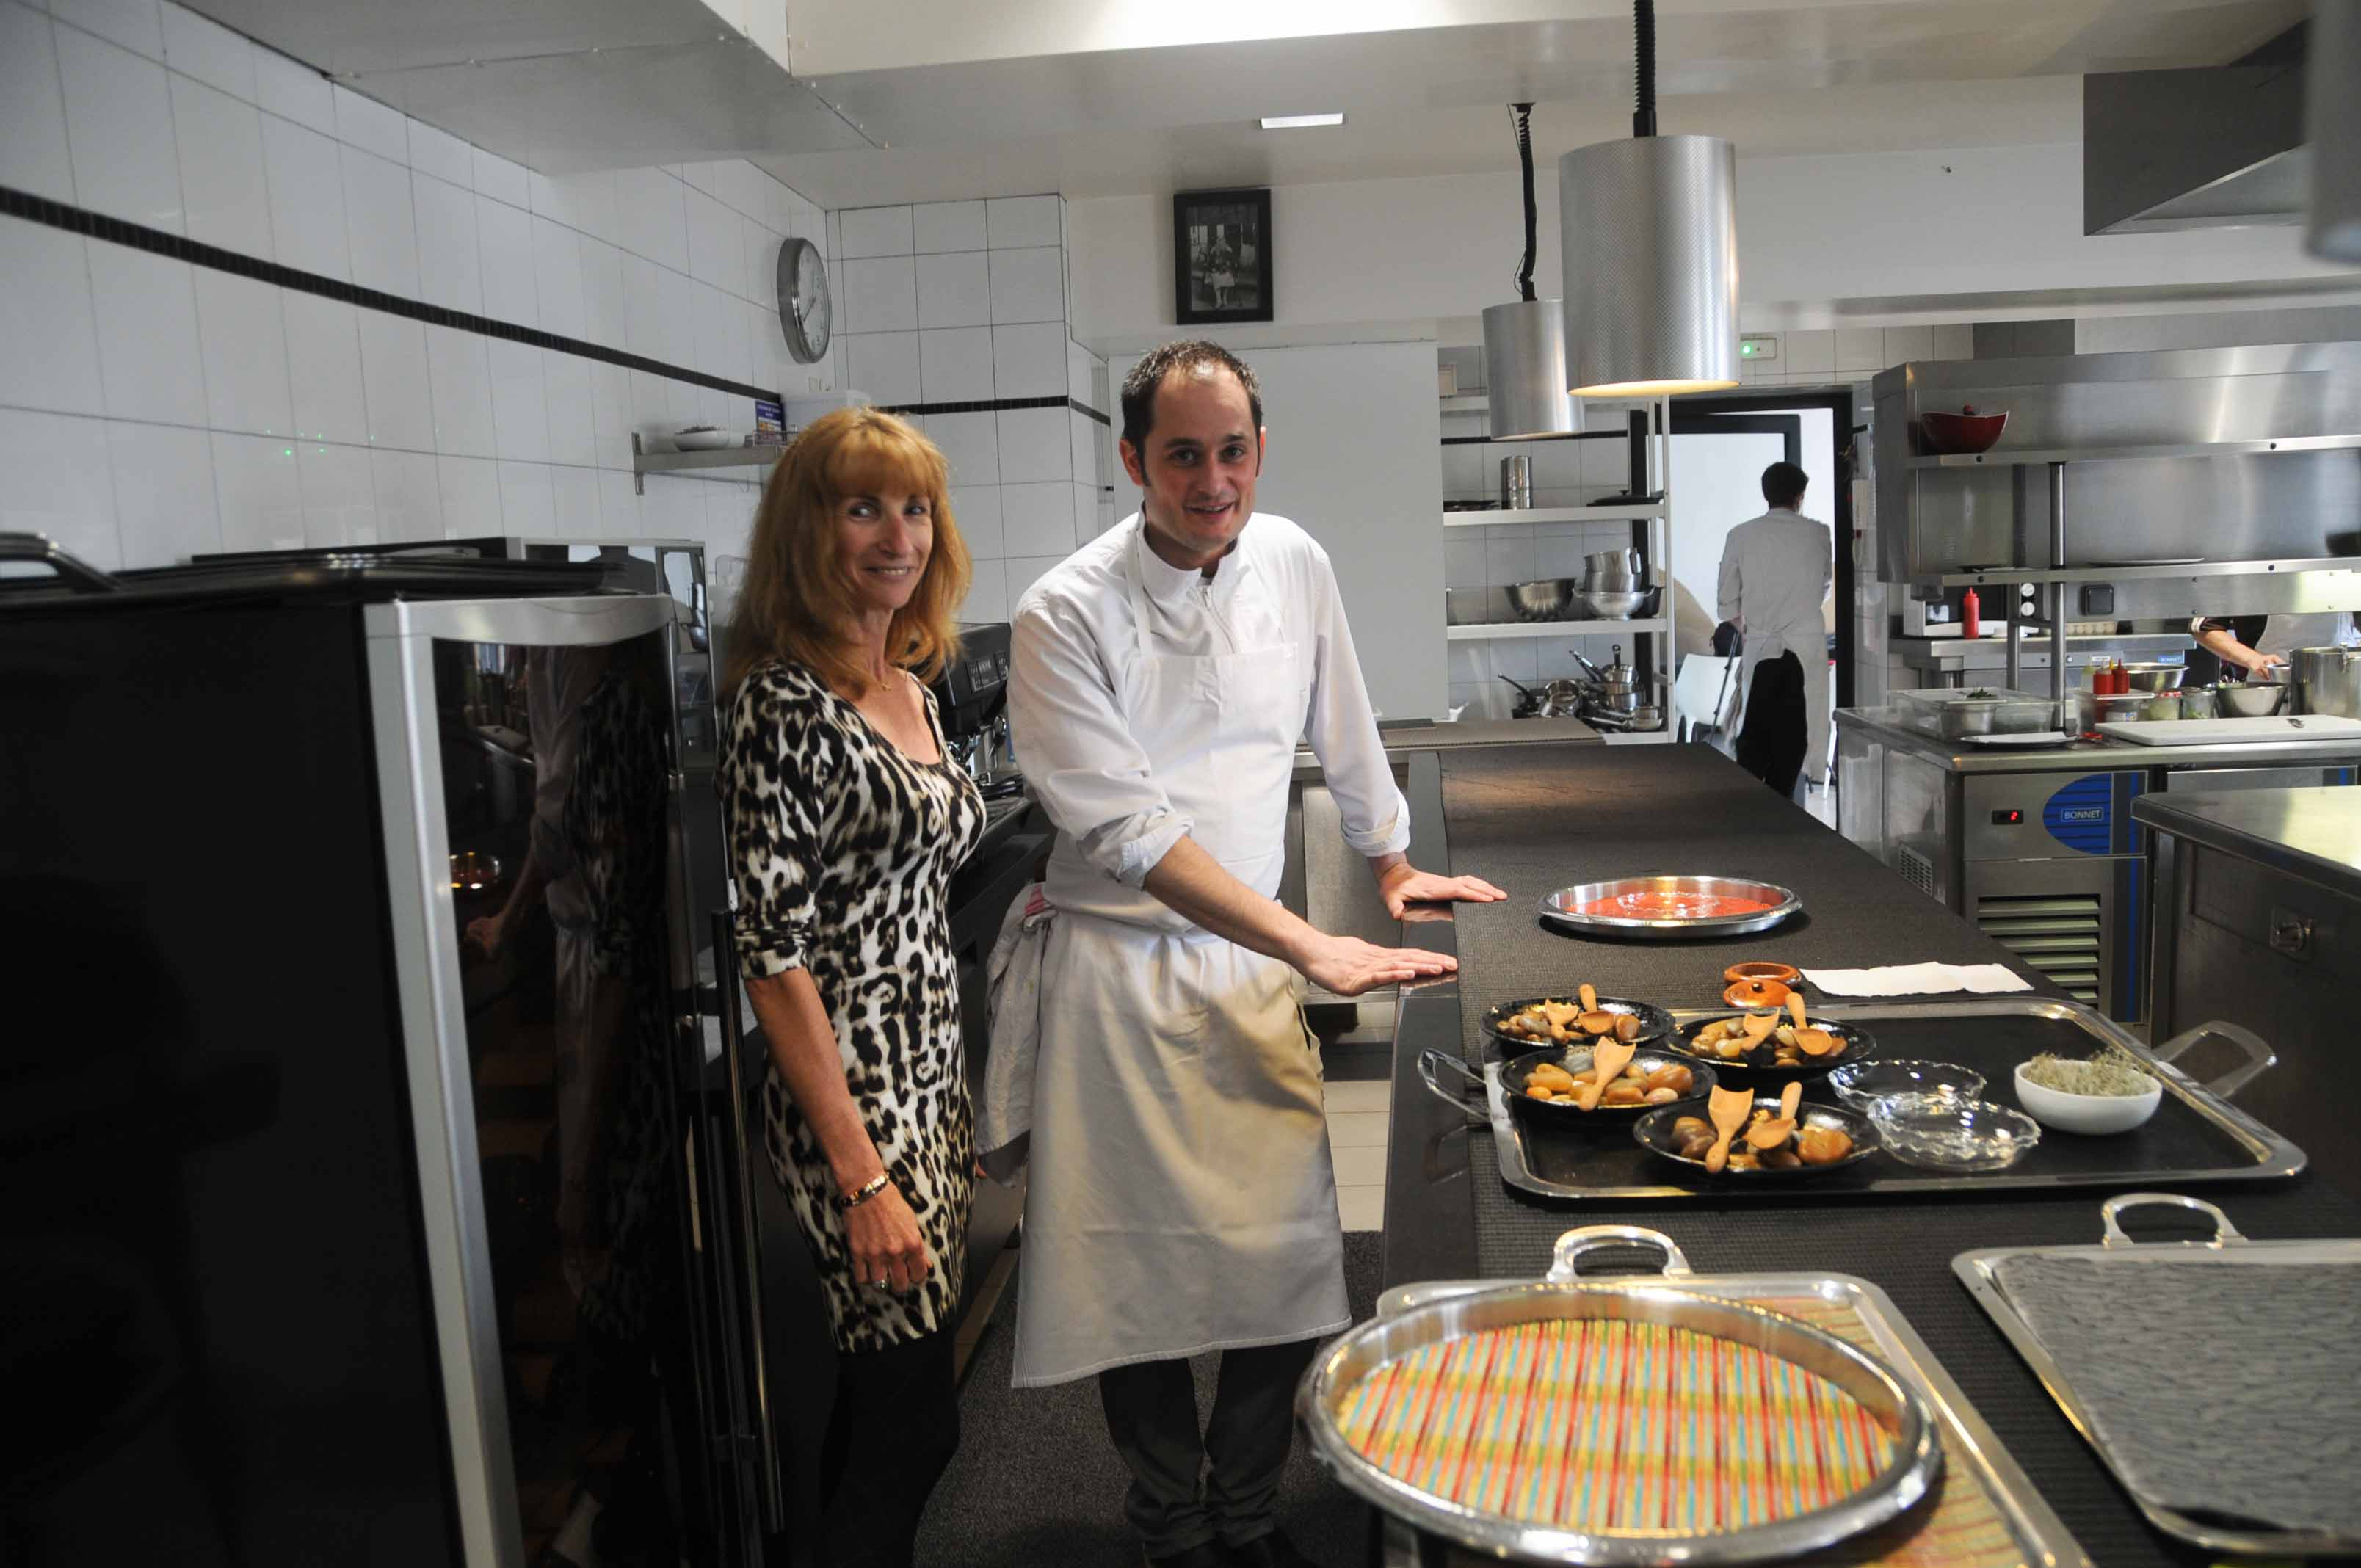 Restaurant la marine alexandre couillon noirmoutier for Petite cuisine restaurant